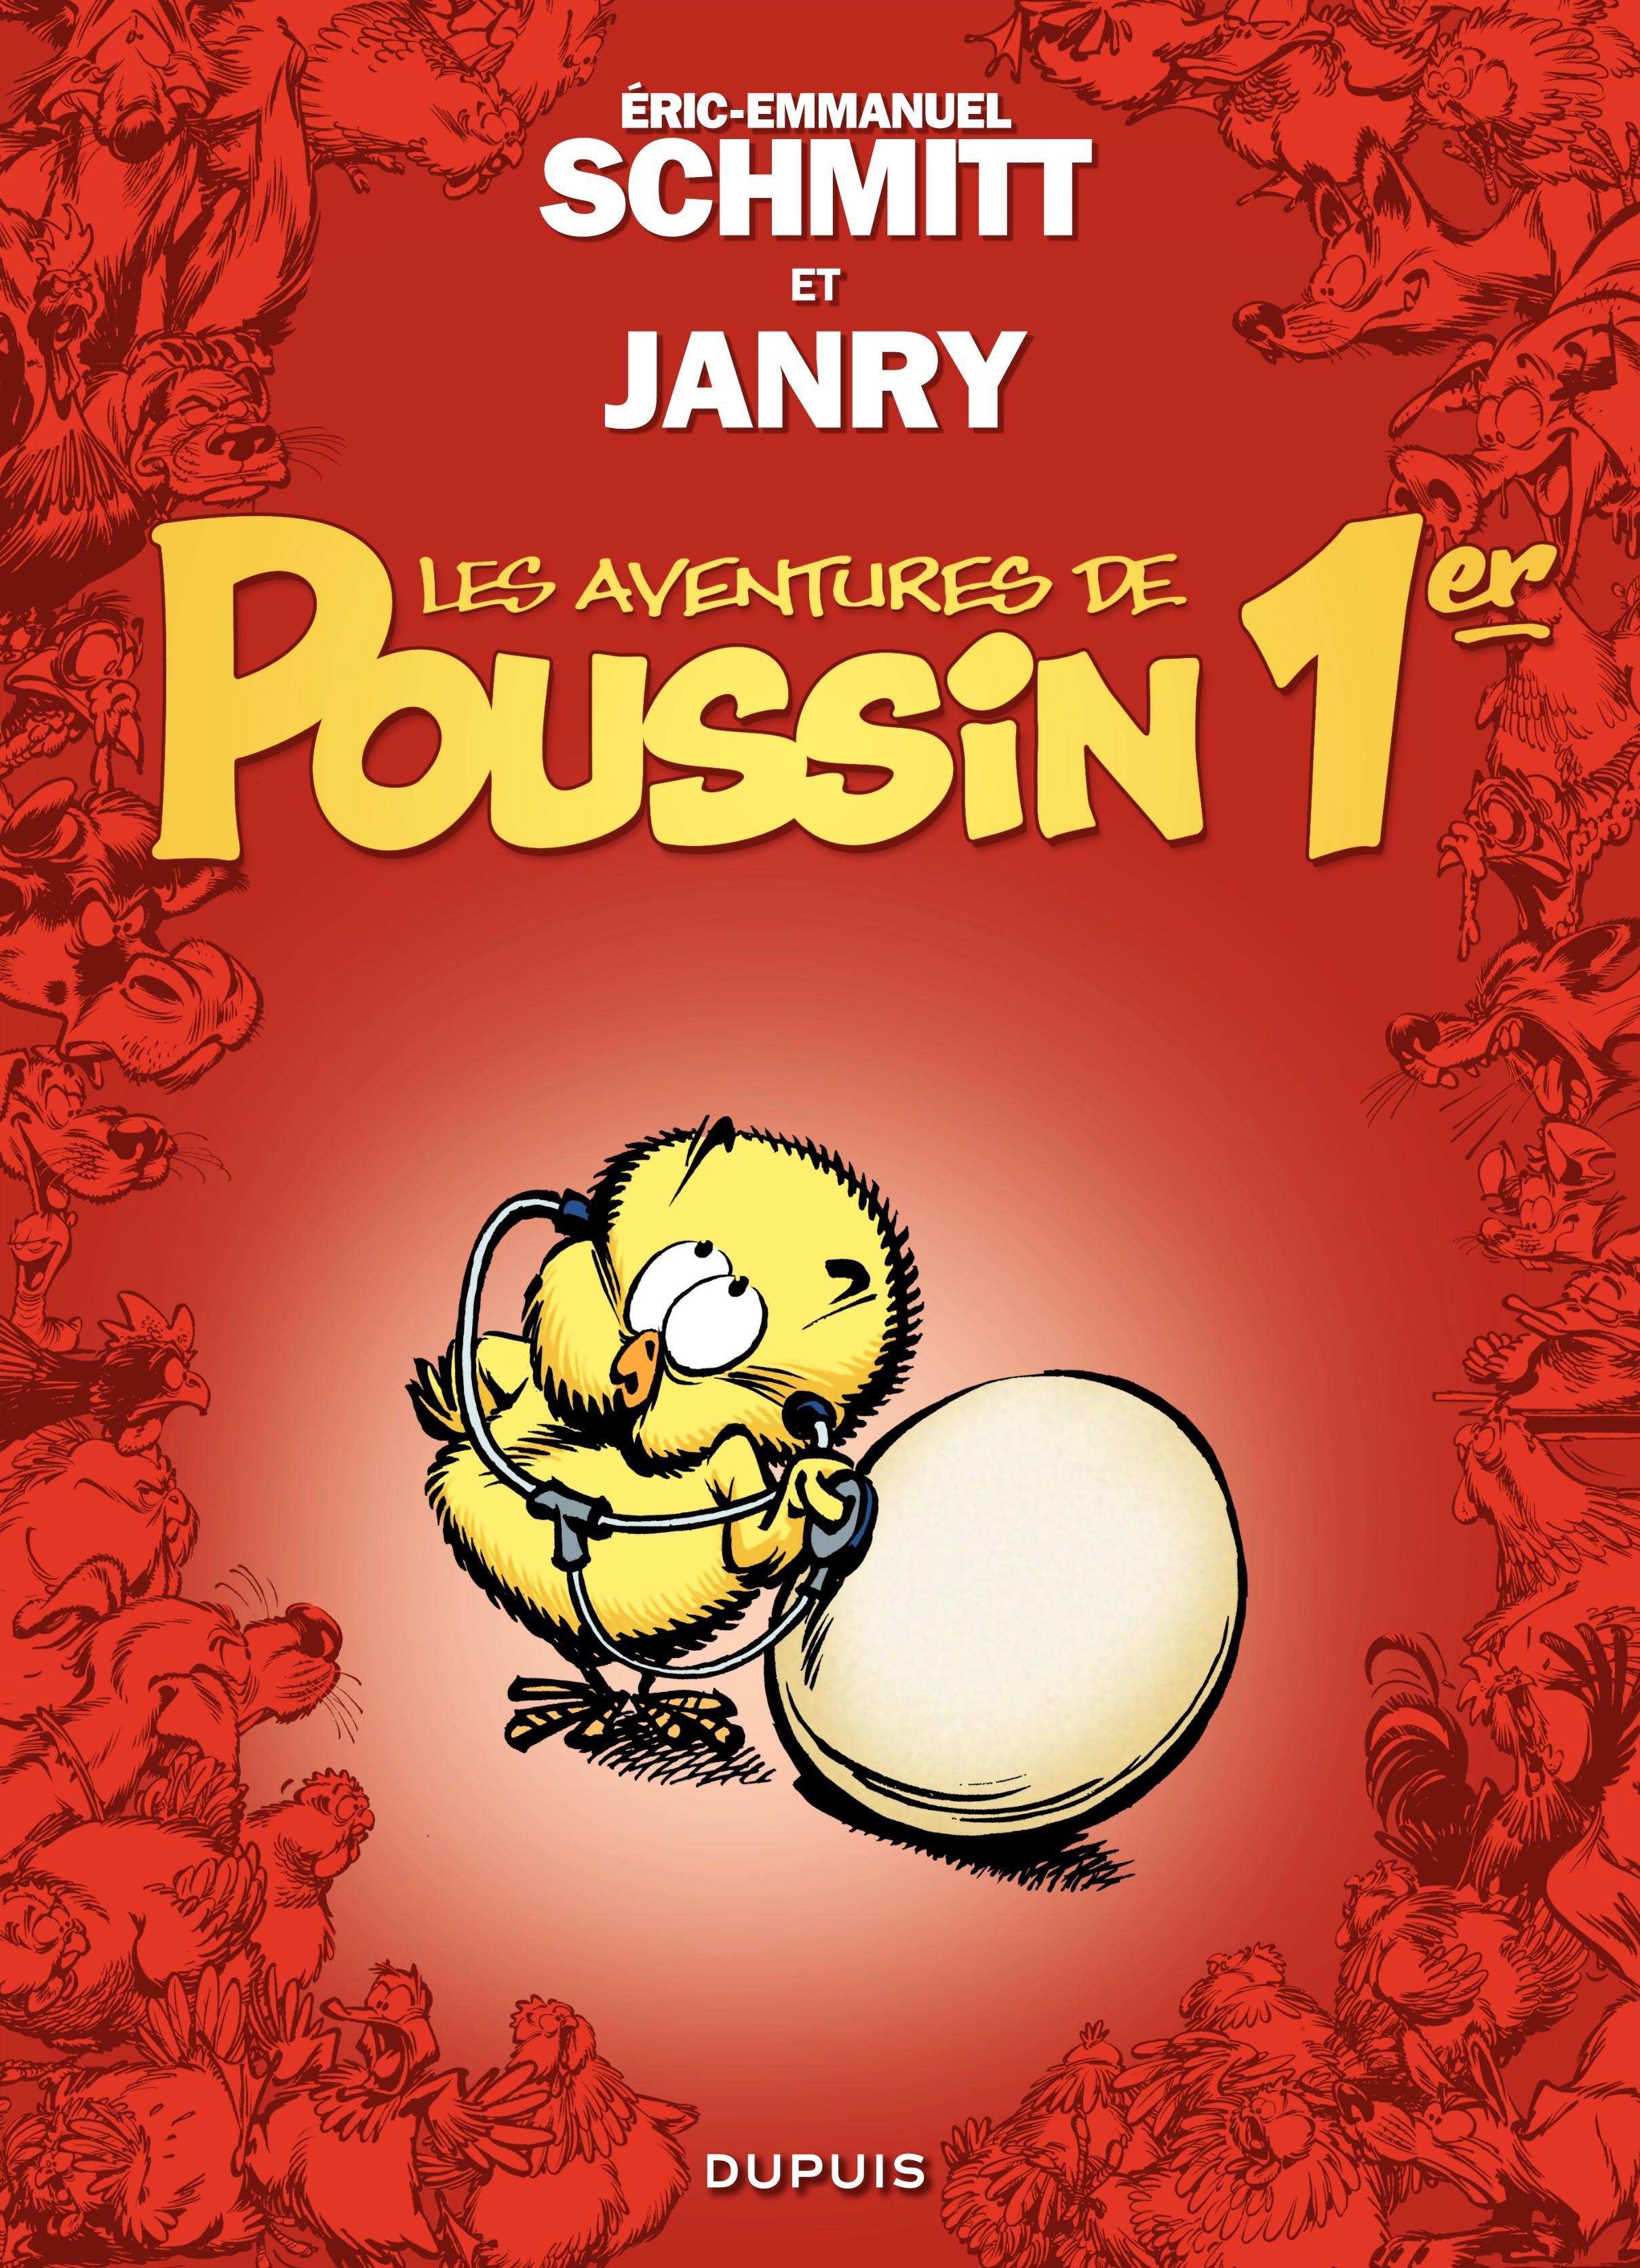 Les aventures de Poussin 1er – Tome 1 – Cui suis-je ? | Schmitt, Eric-Emmanuel